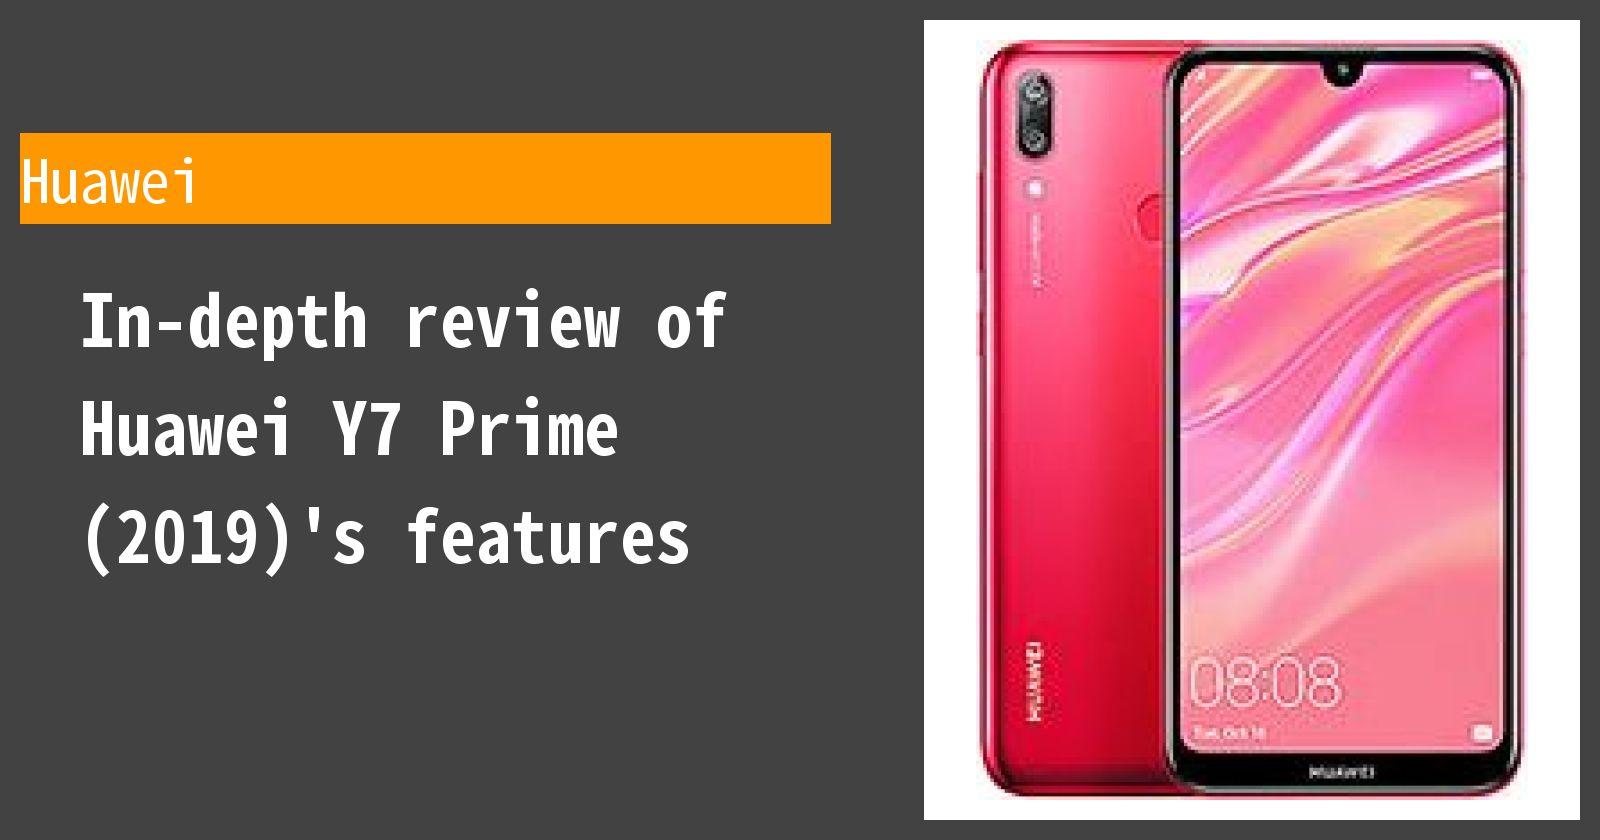 Huawei Y7 Prime 2019 Specs